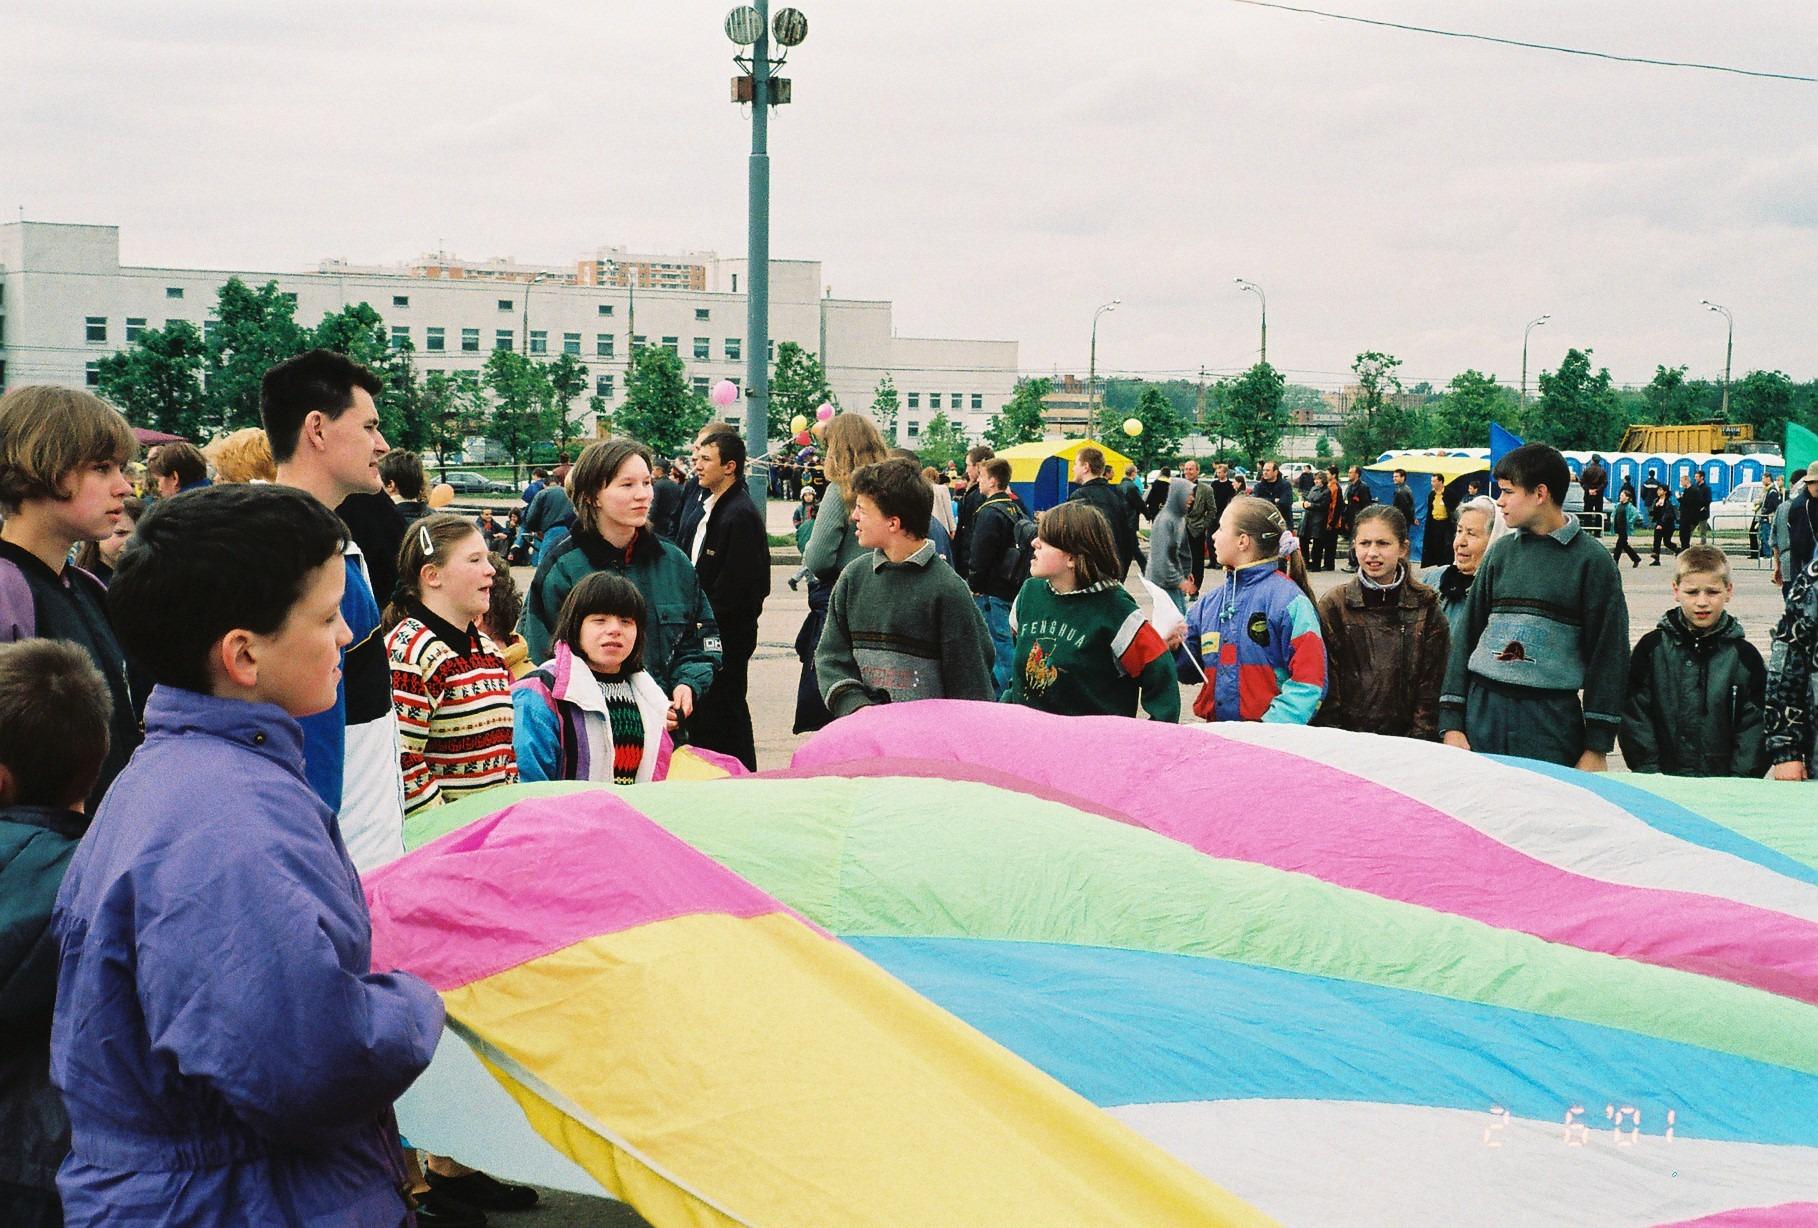 2001 празднование Дня детей 1 июня 2001 г. в Олимпийской деревне3